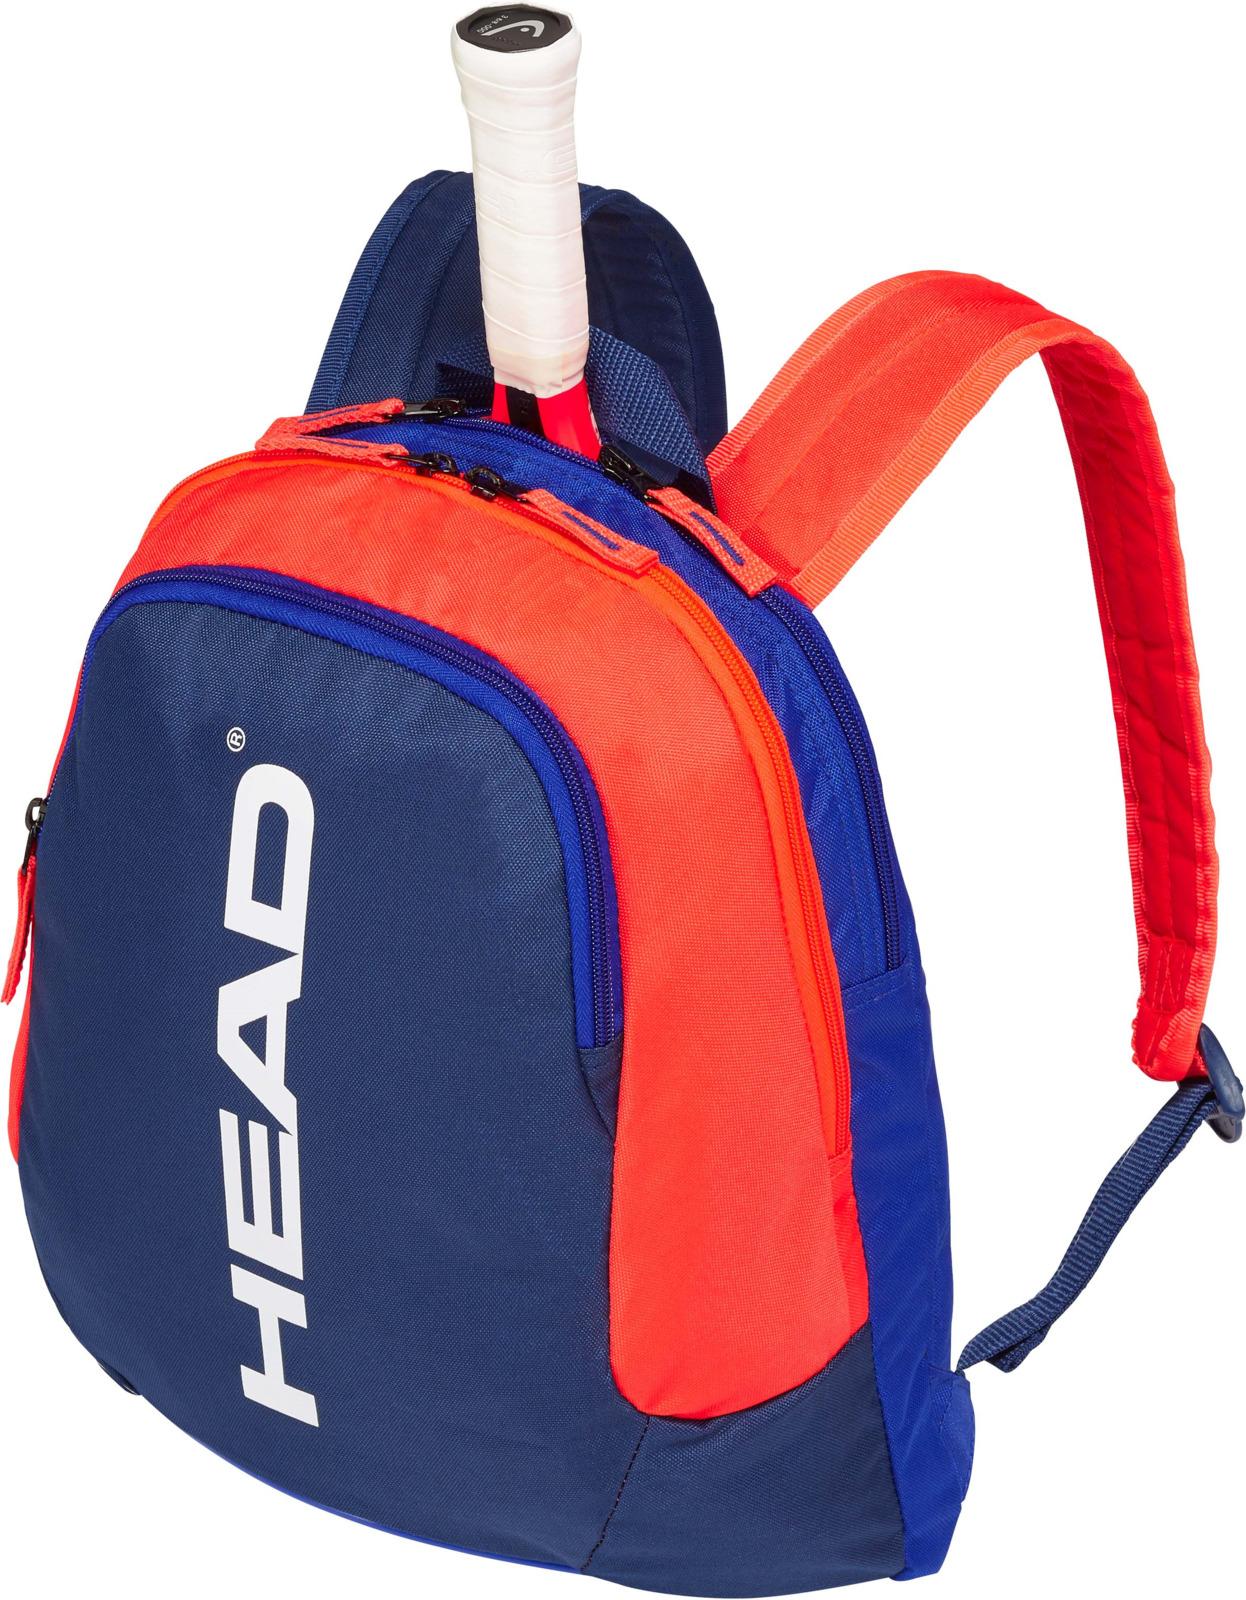 Рюкзак детский Head Kids Backpack, синий, оранжевый цена